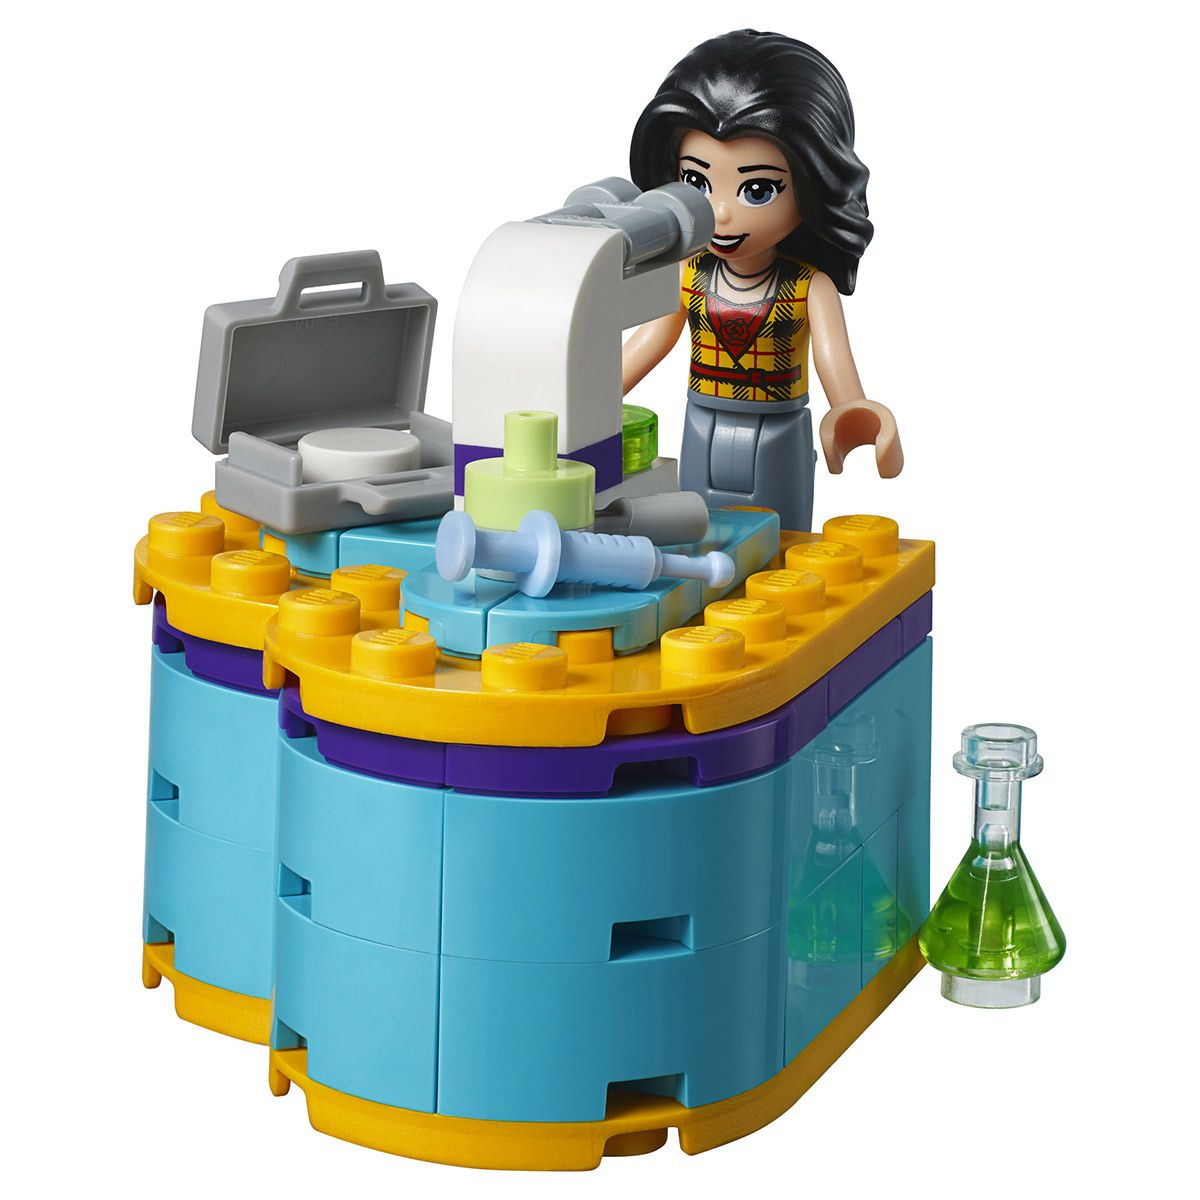 Friends Ville Lego 41359 Et Des L'amitié La Univers Boîte De Cœurs n0k8wPO